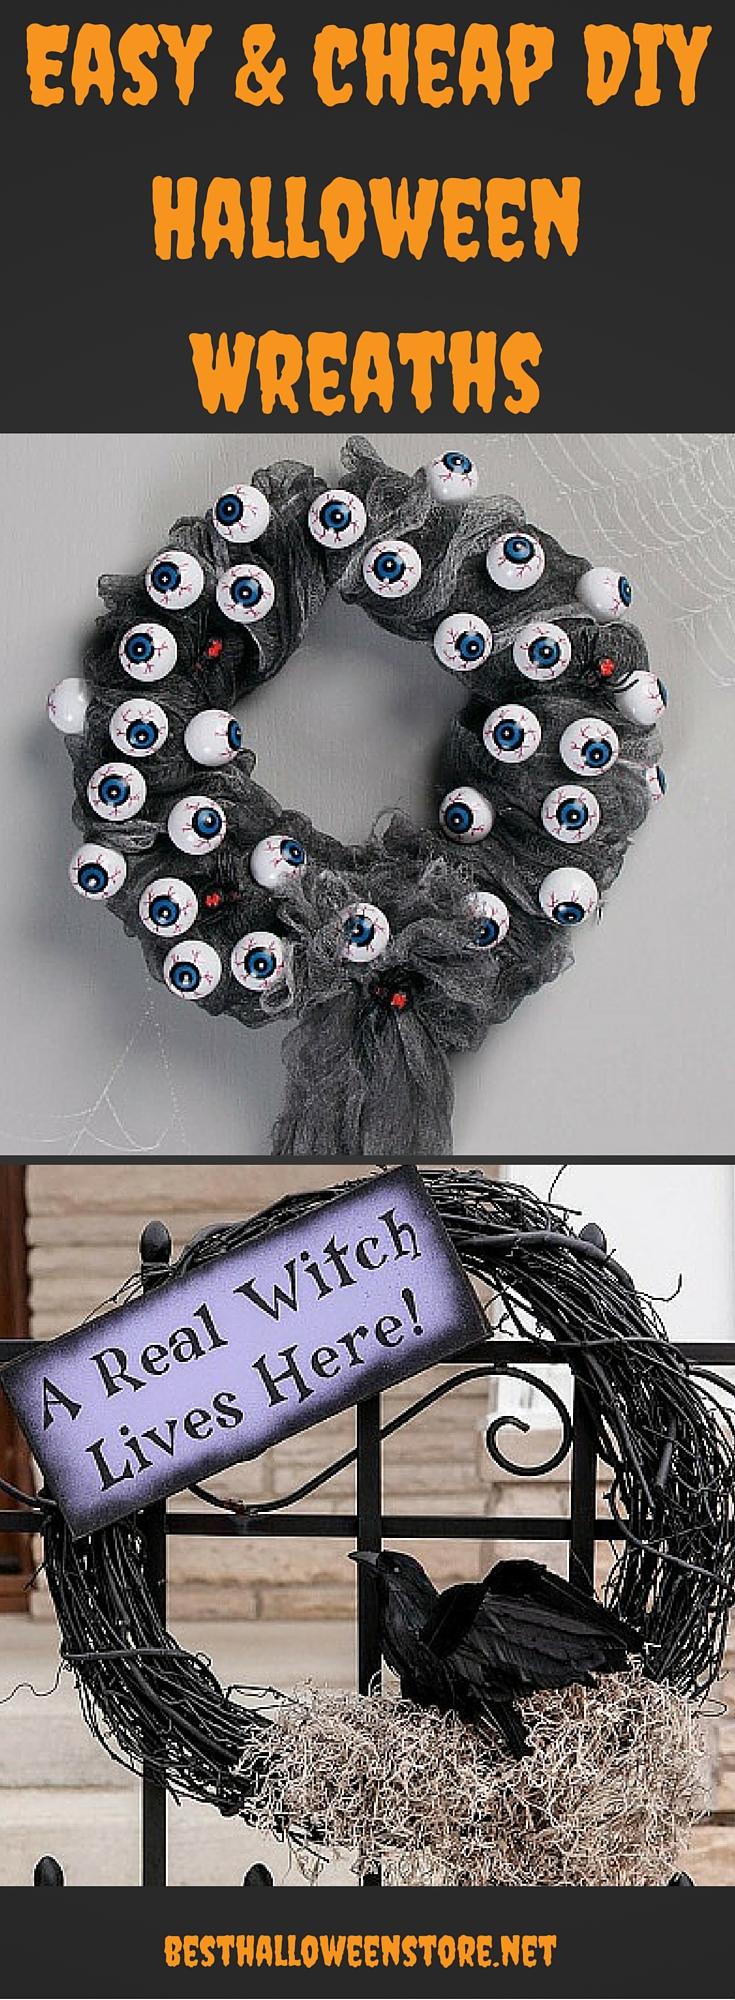 Easy and Cheap DIY Halloween Wreaths